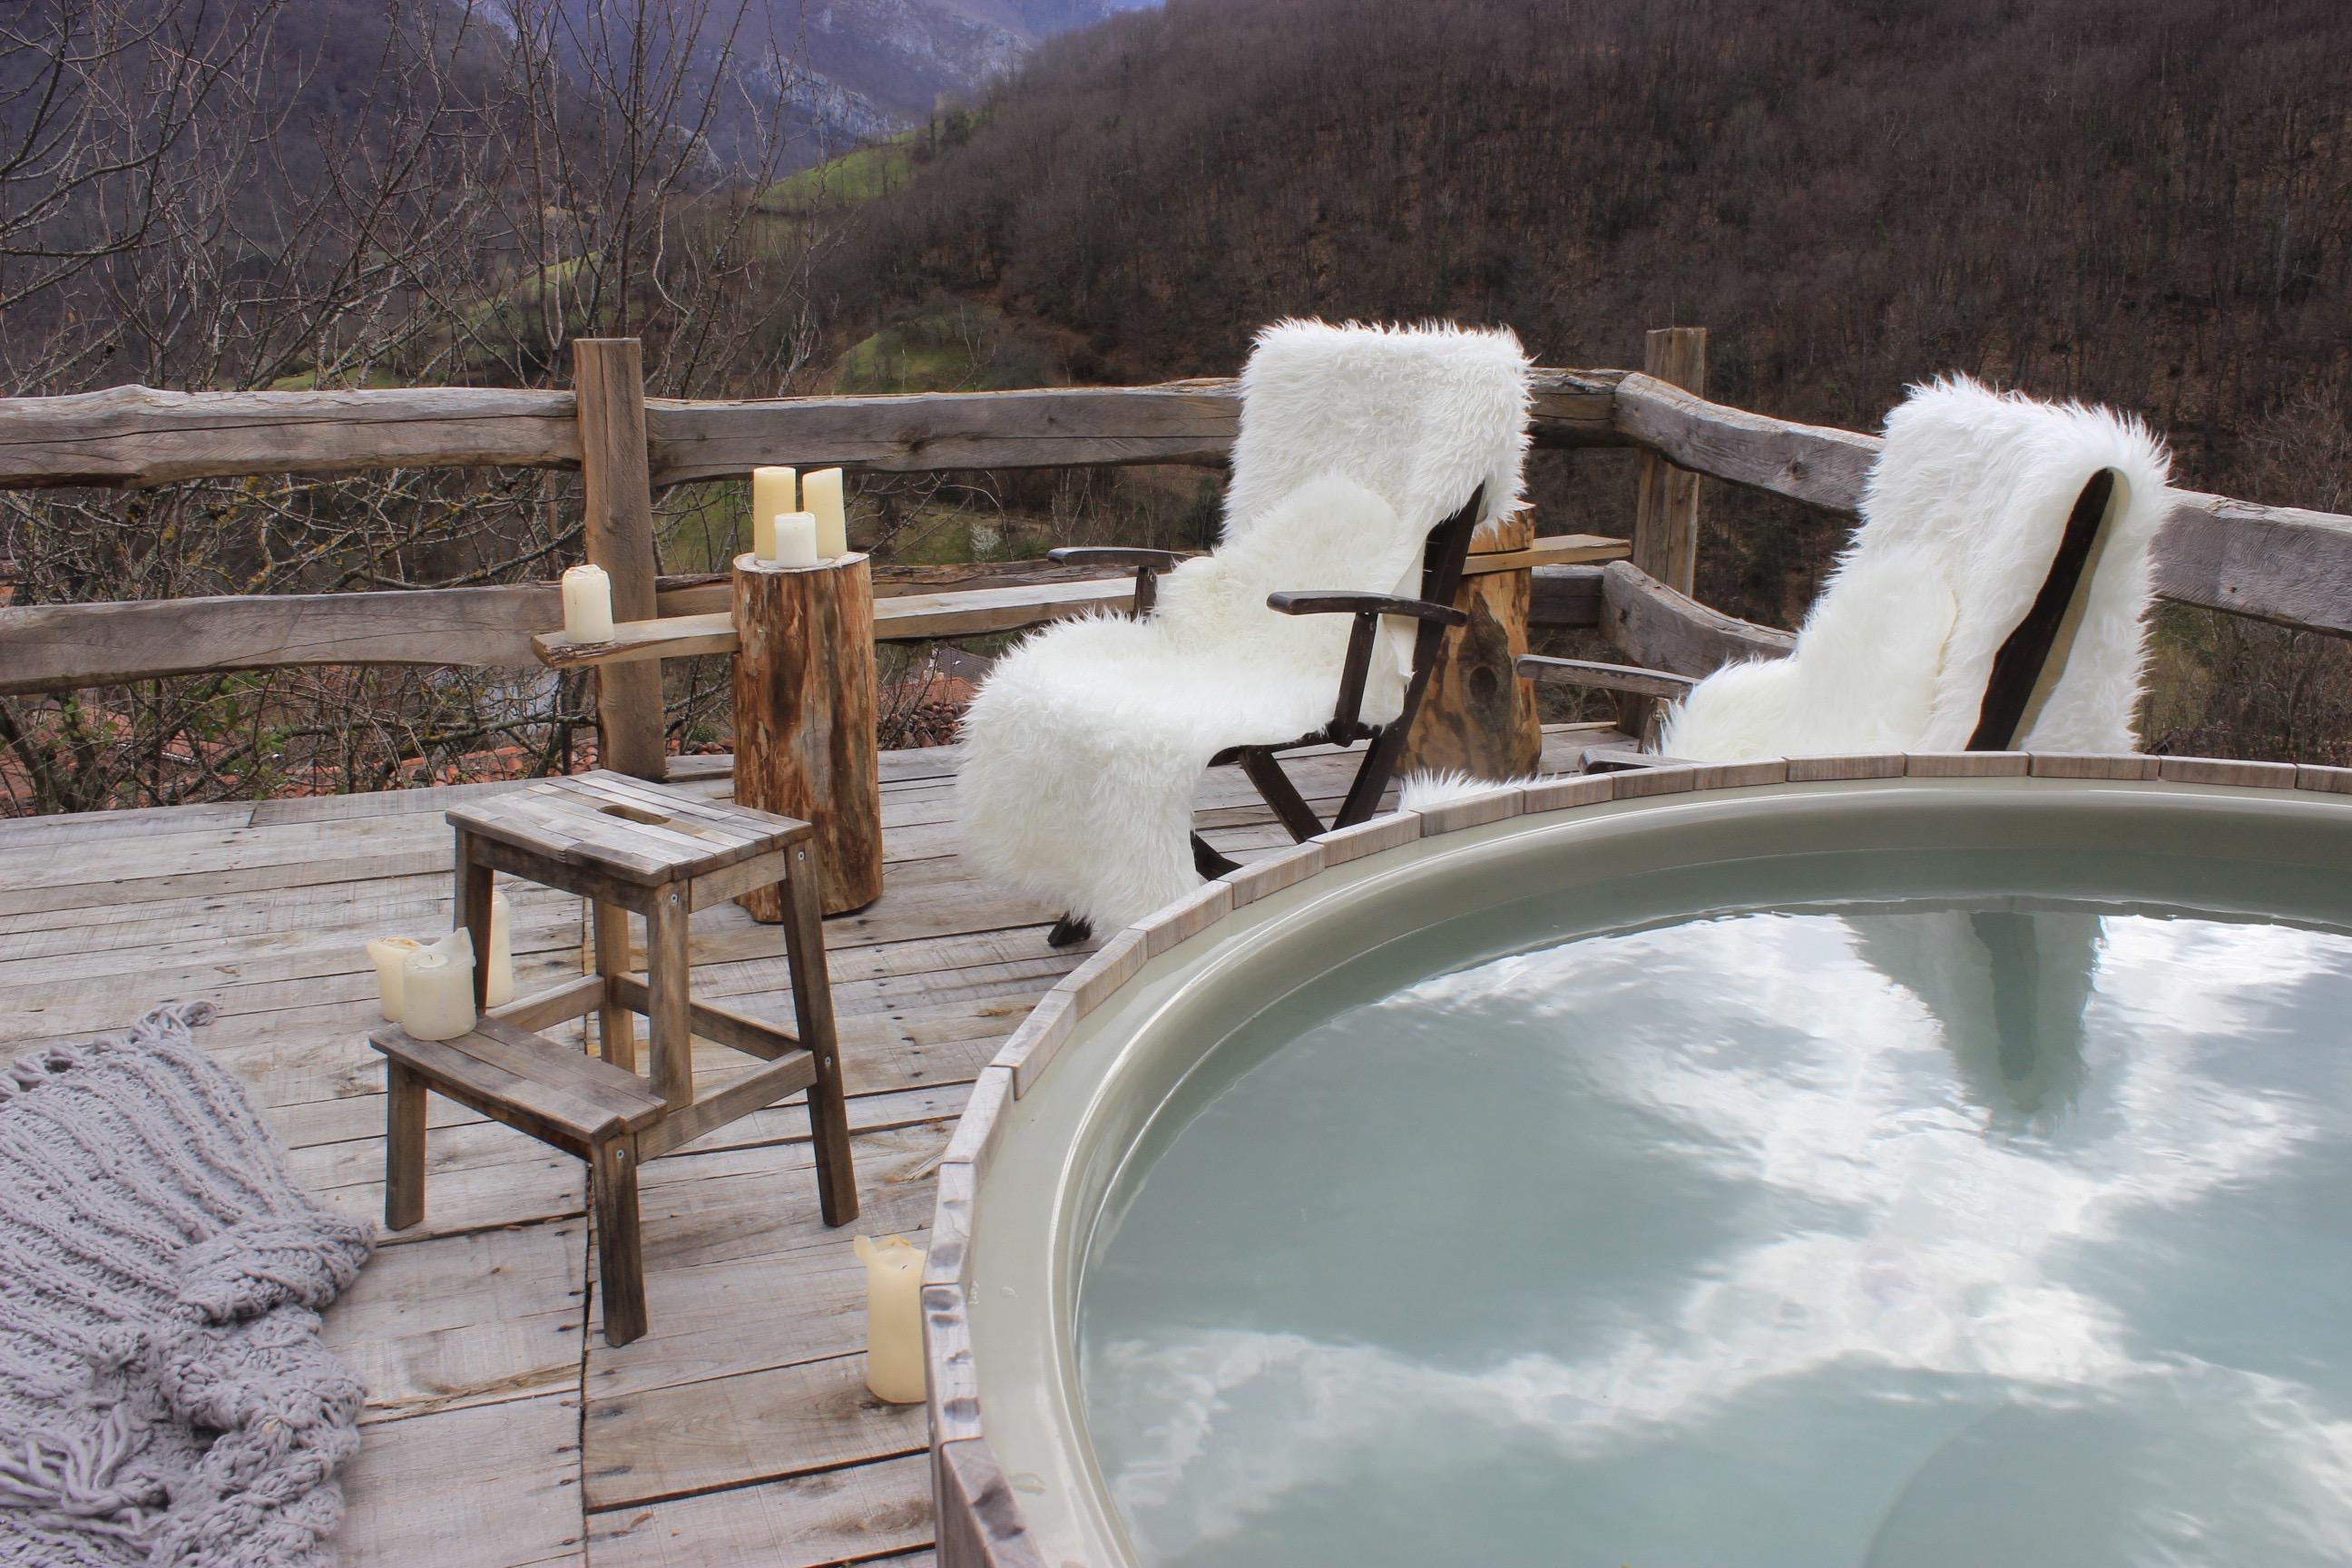 Bañera nórdica - Tierra del Agua - Parque de Redes - Asturias